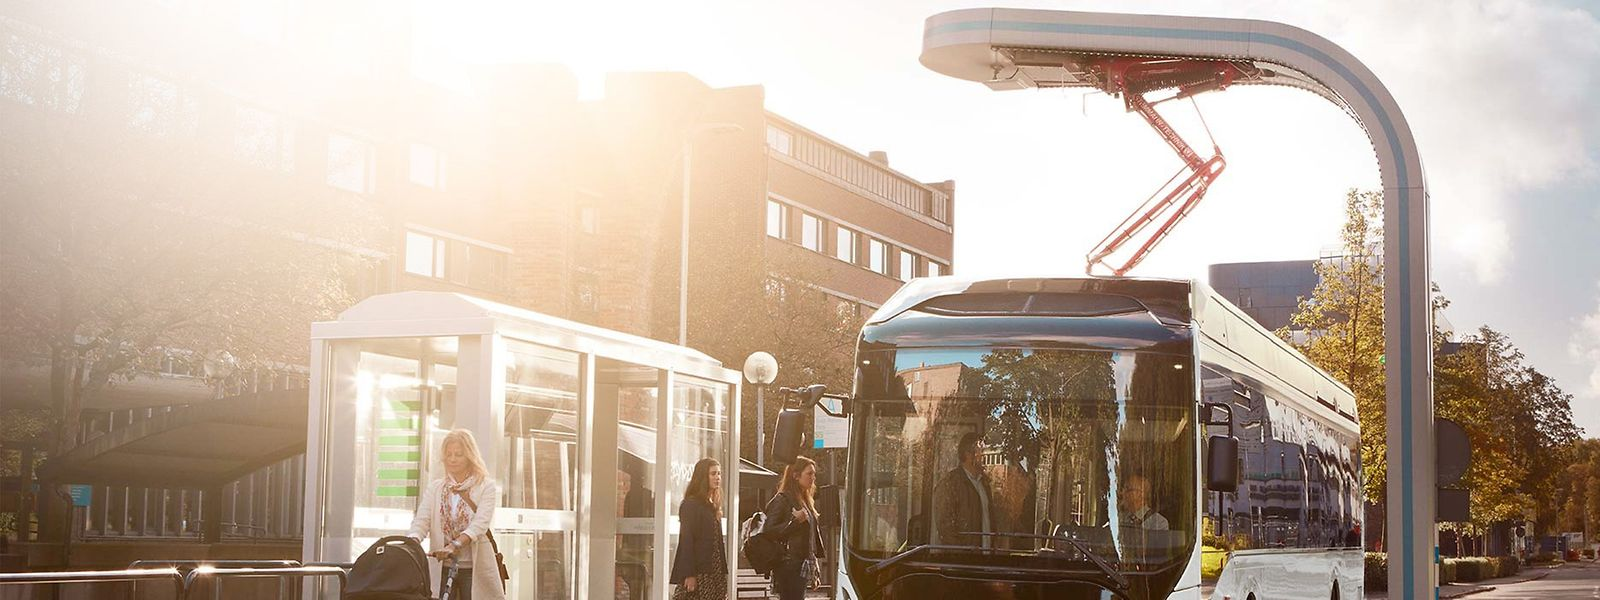 """Ab Mai werden die """"Diffbus""""-Linien von solchen Volvo-Bussen gefahren.Der Antrieb ist zu 100 Prozent elektrisch."""